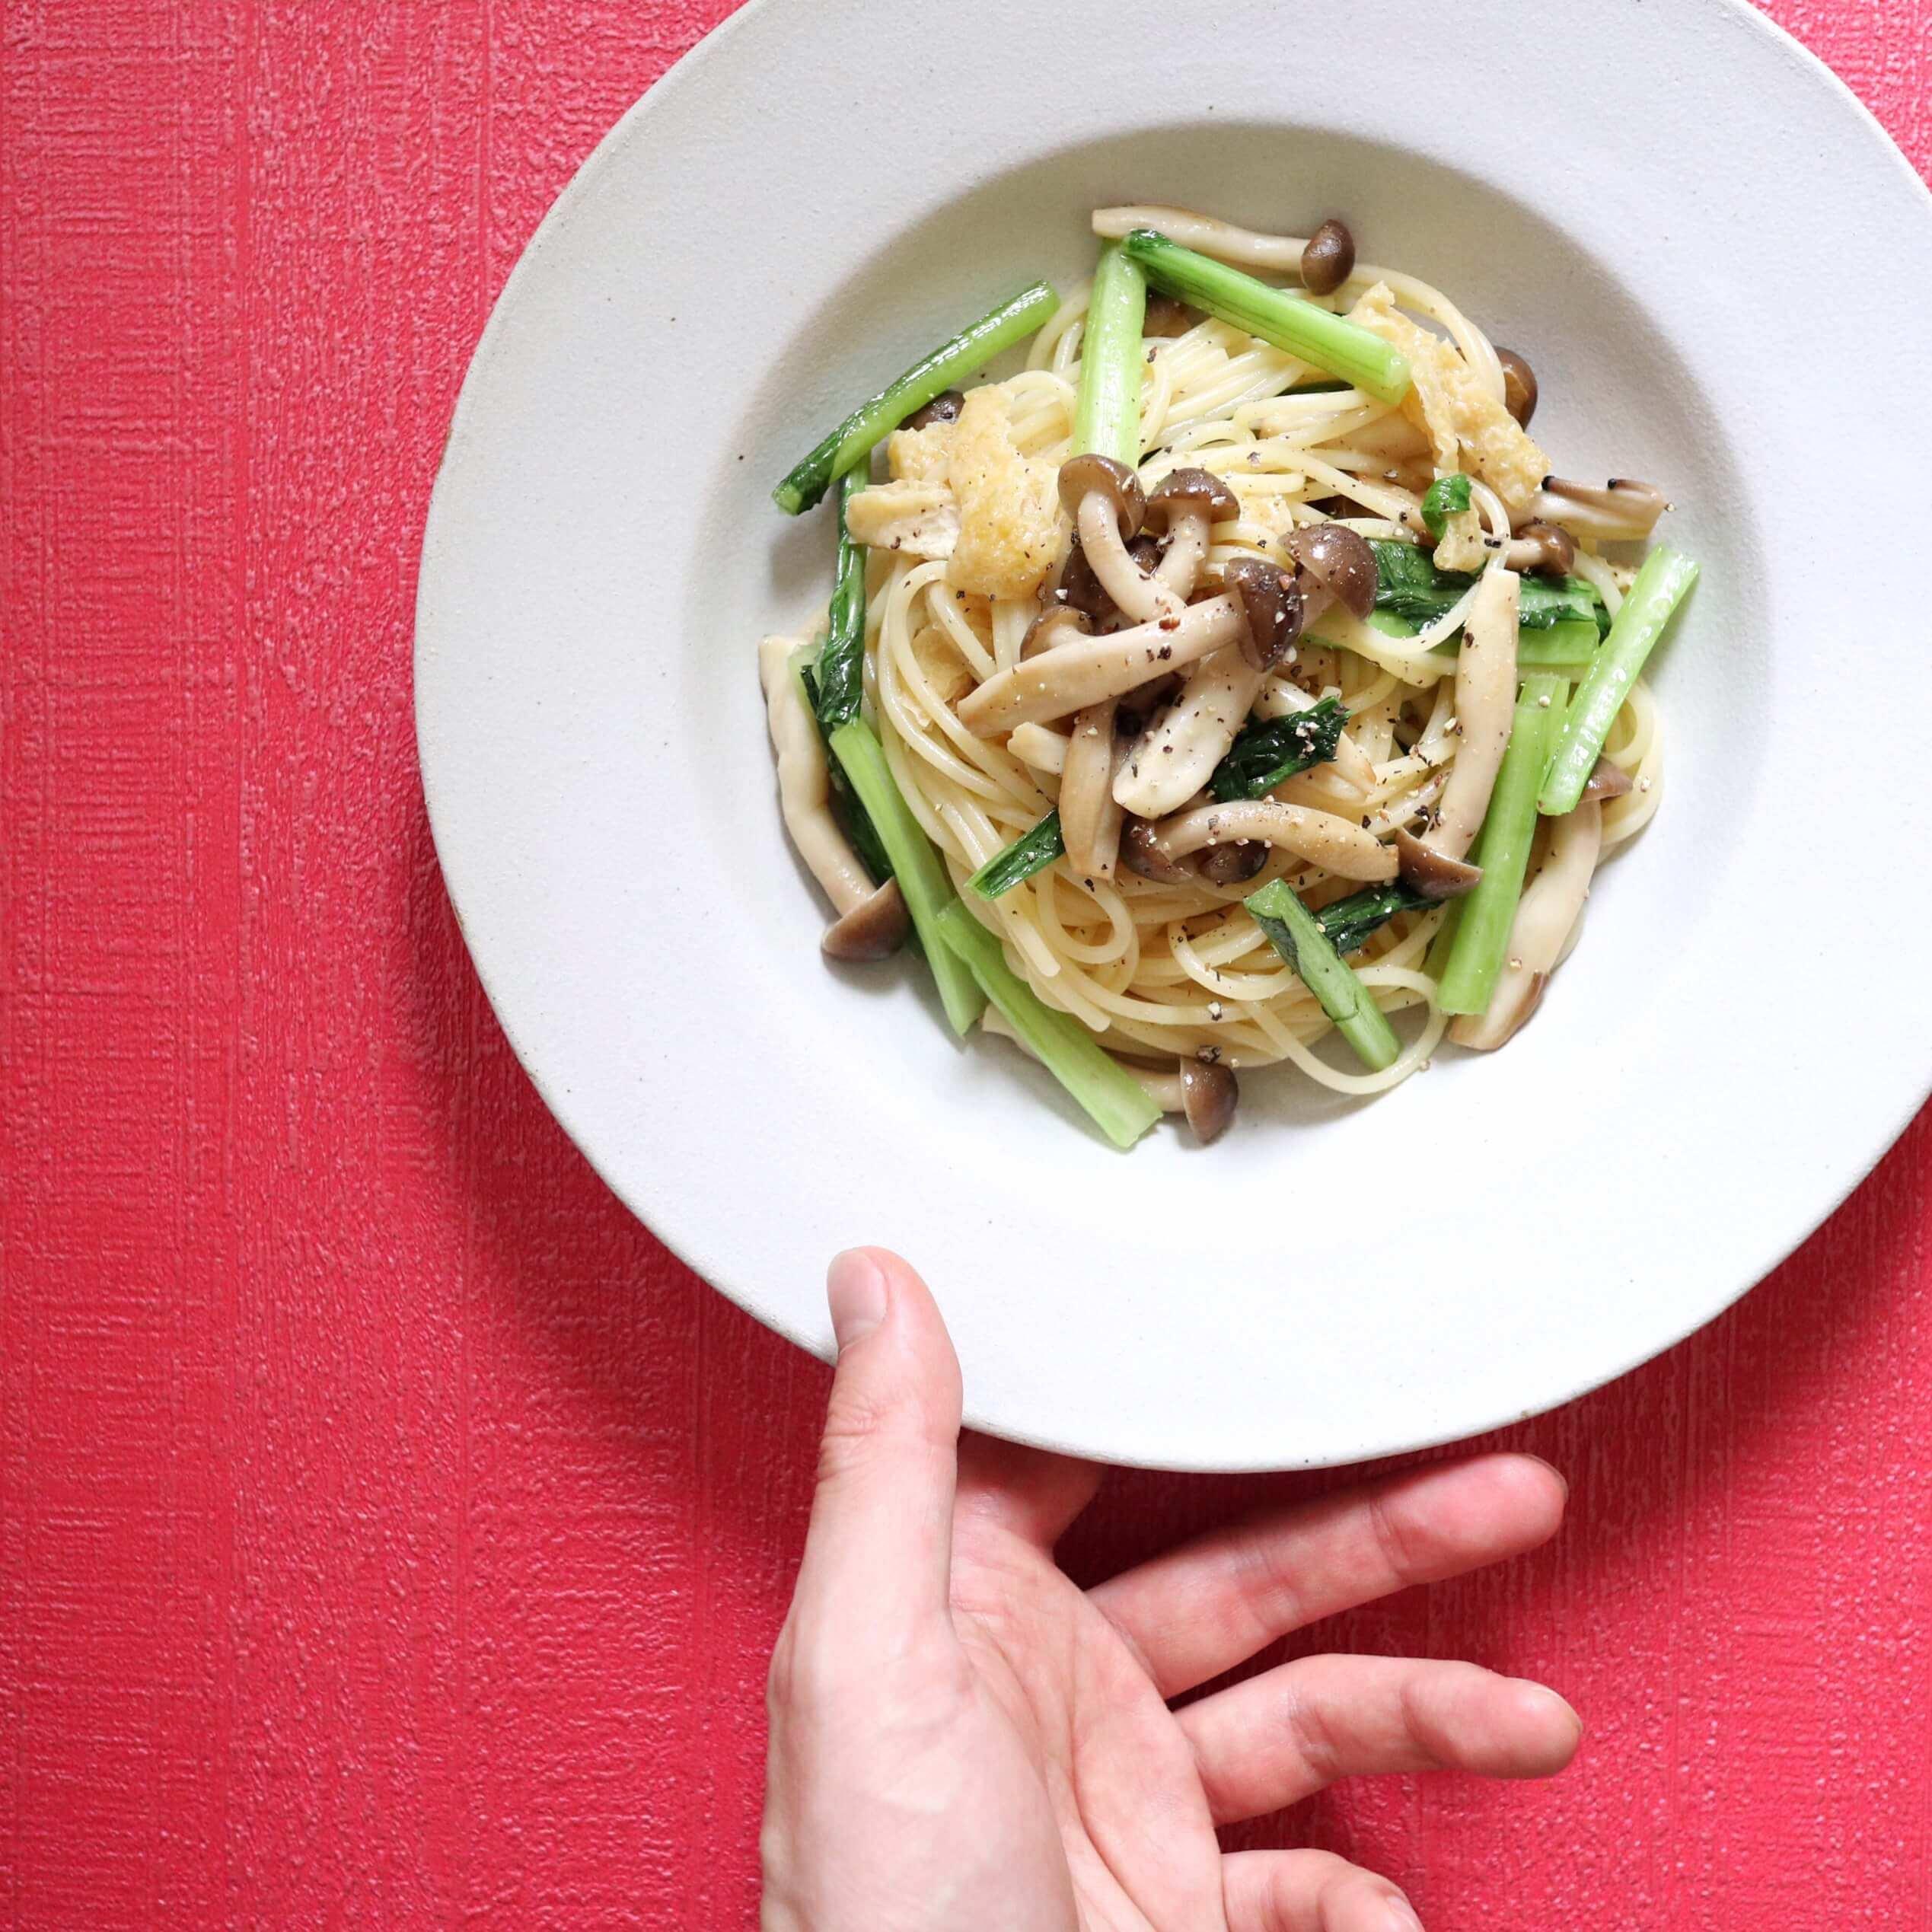 【超簡単!】小松菜と油揚げの和風パスタのレシピ